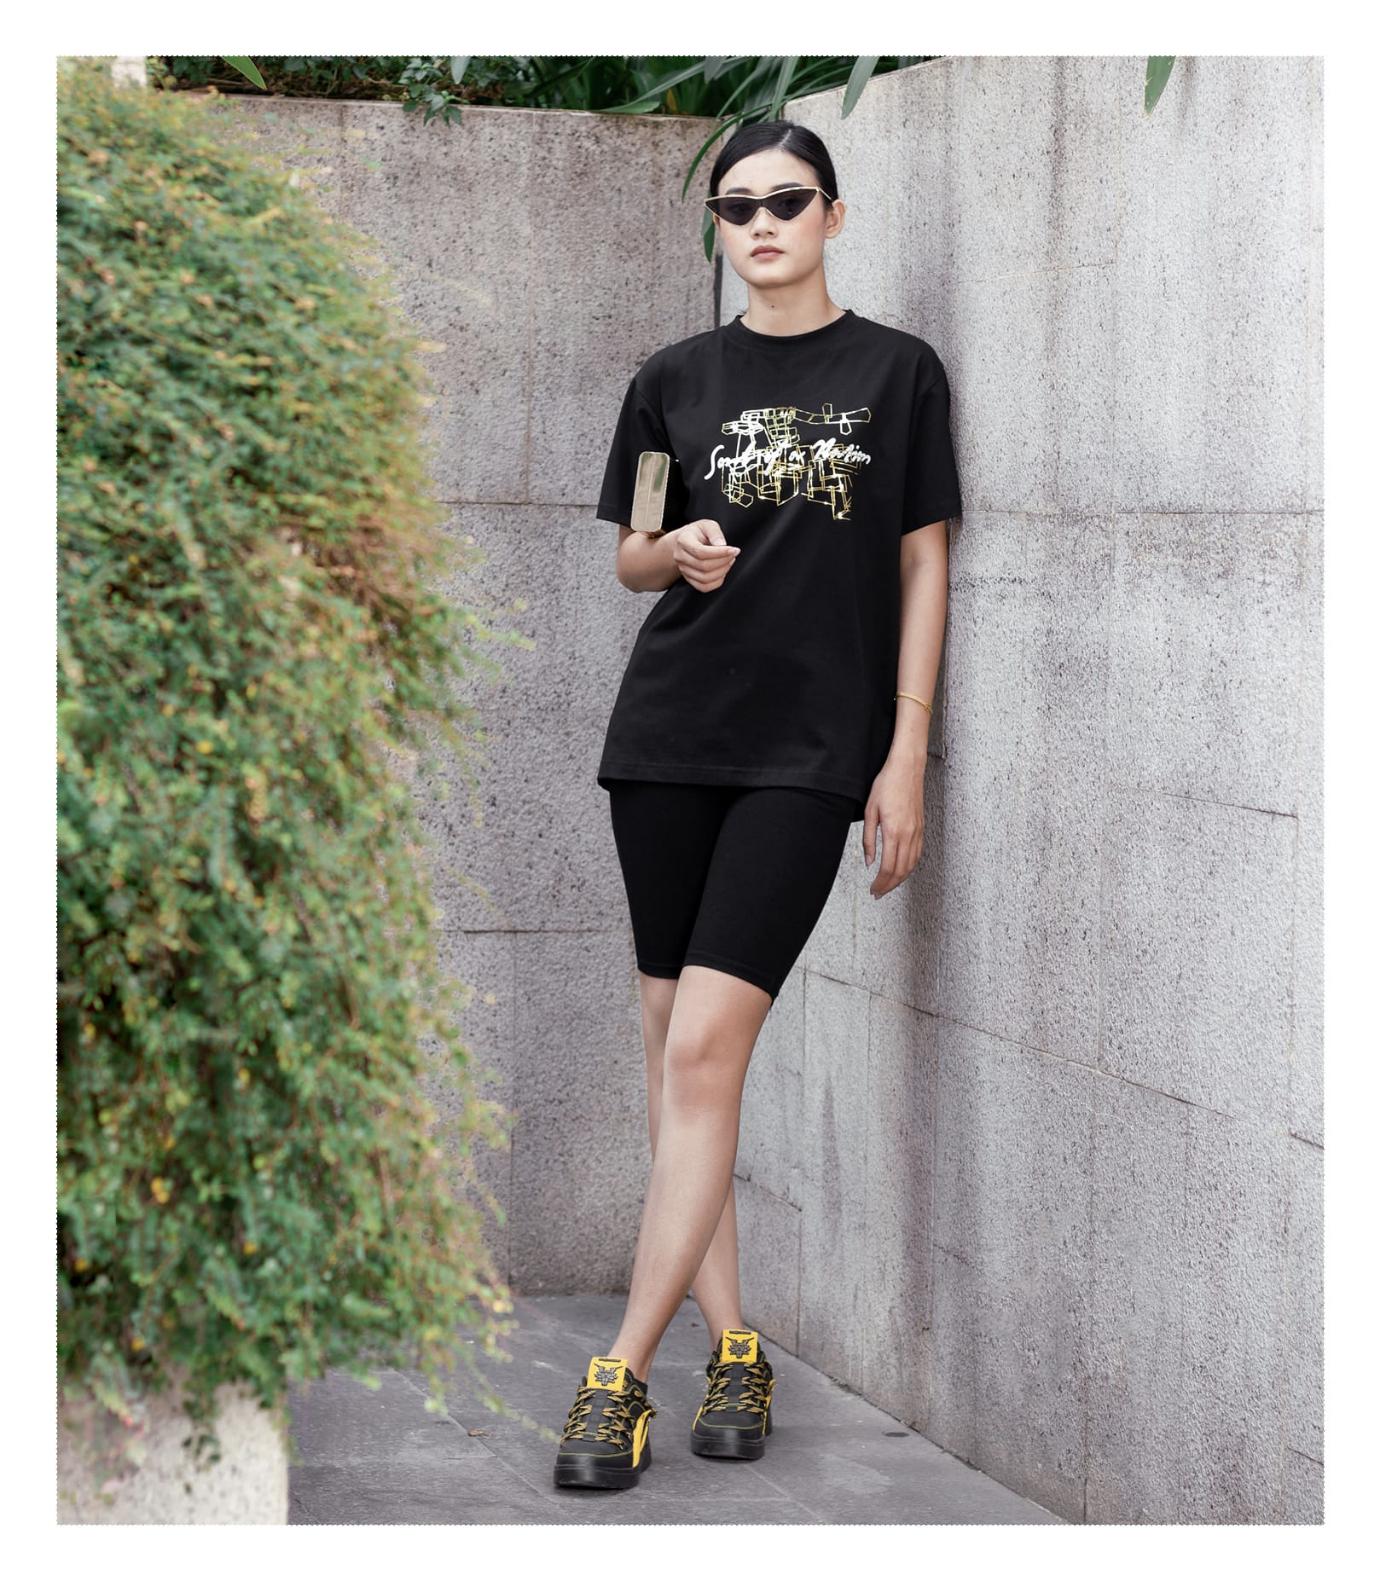 Soul of a Nation: Khi tự hào Việt Nam trở thành cảm hứng thời trang - Ảnh 7.